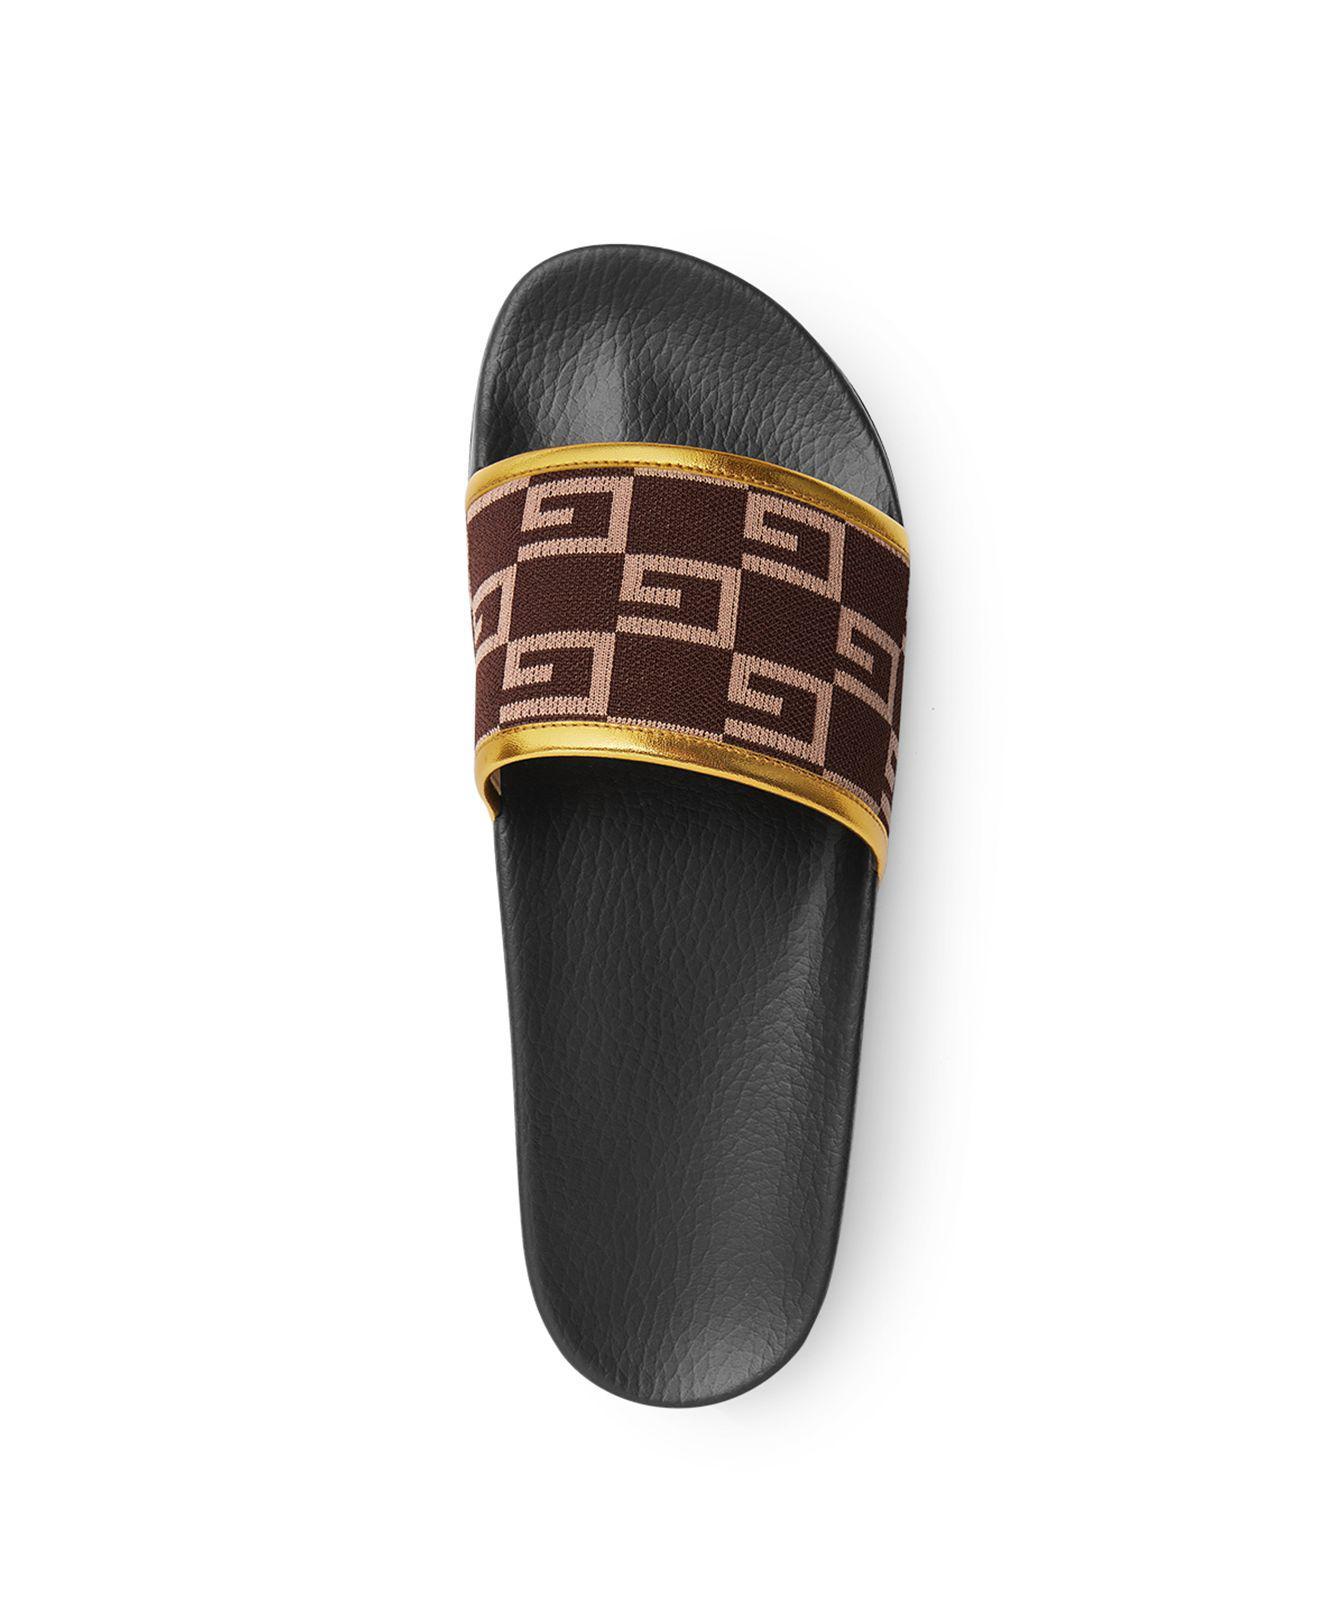 a0ffe7ec7148 Lyst - Gucci Pursuit Knit Slide Sandals for Men